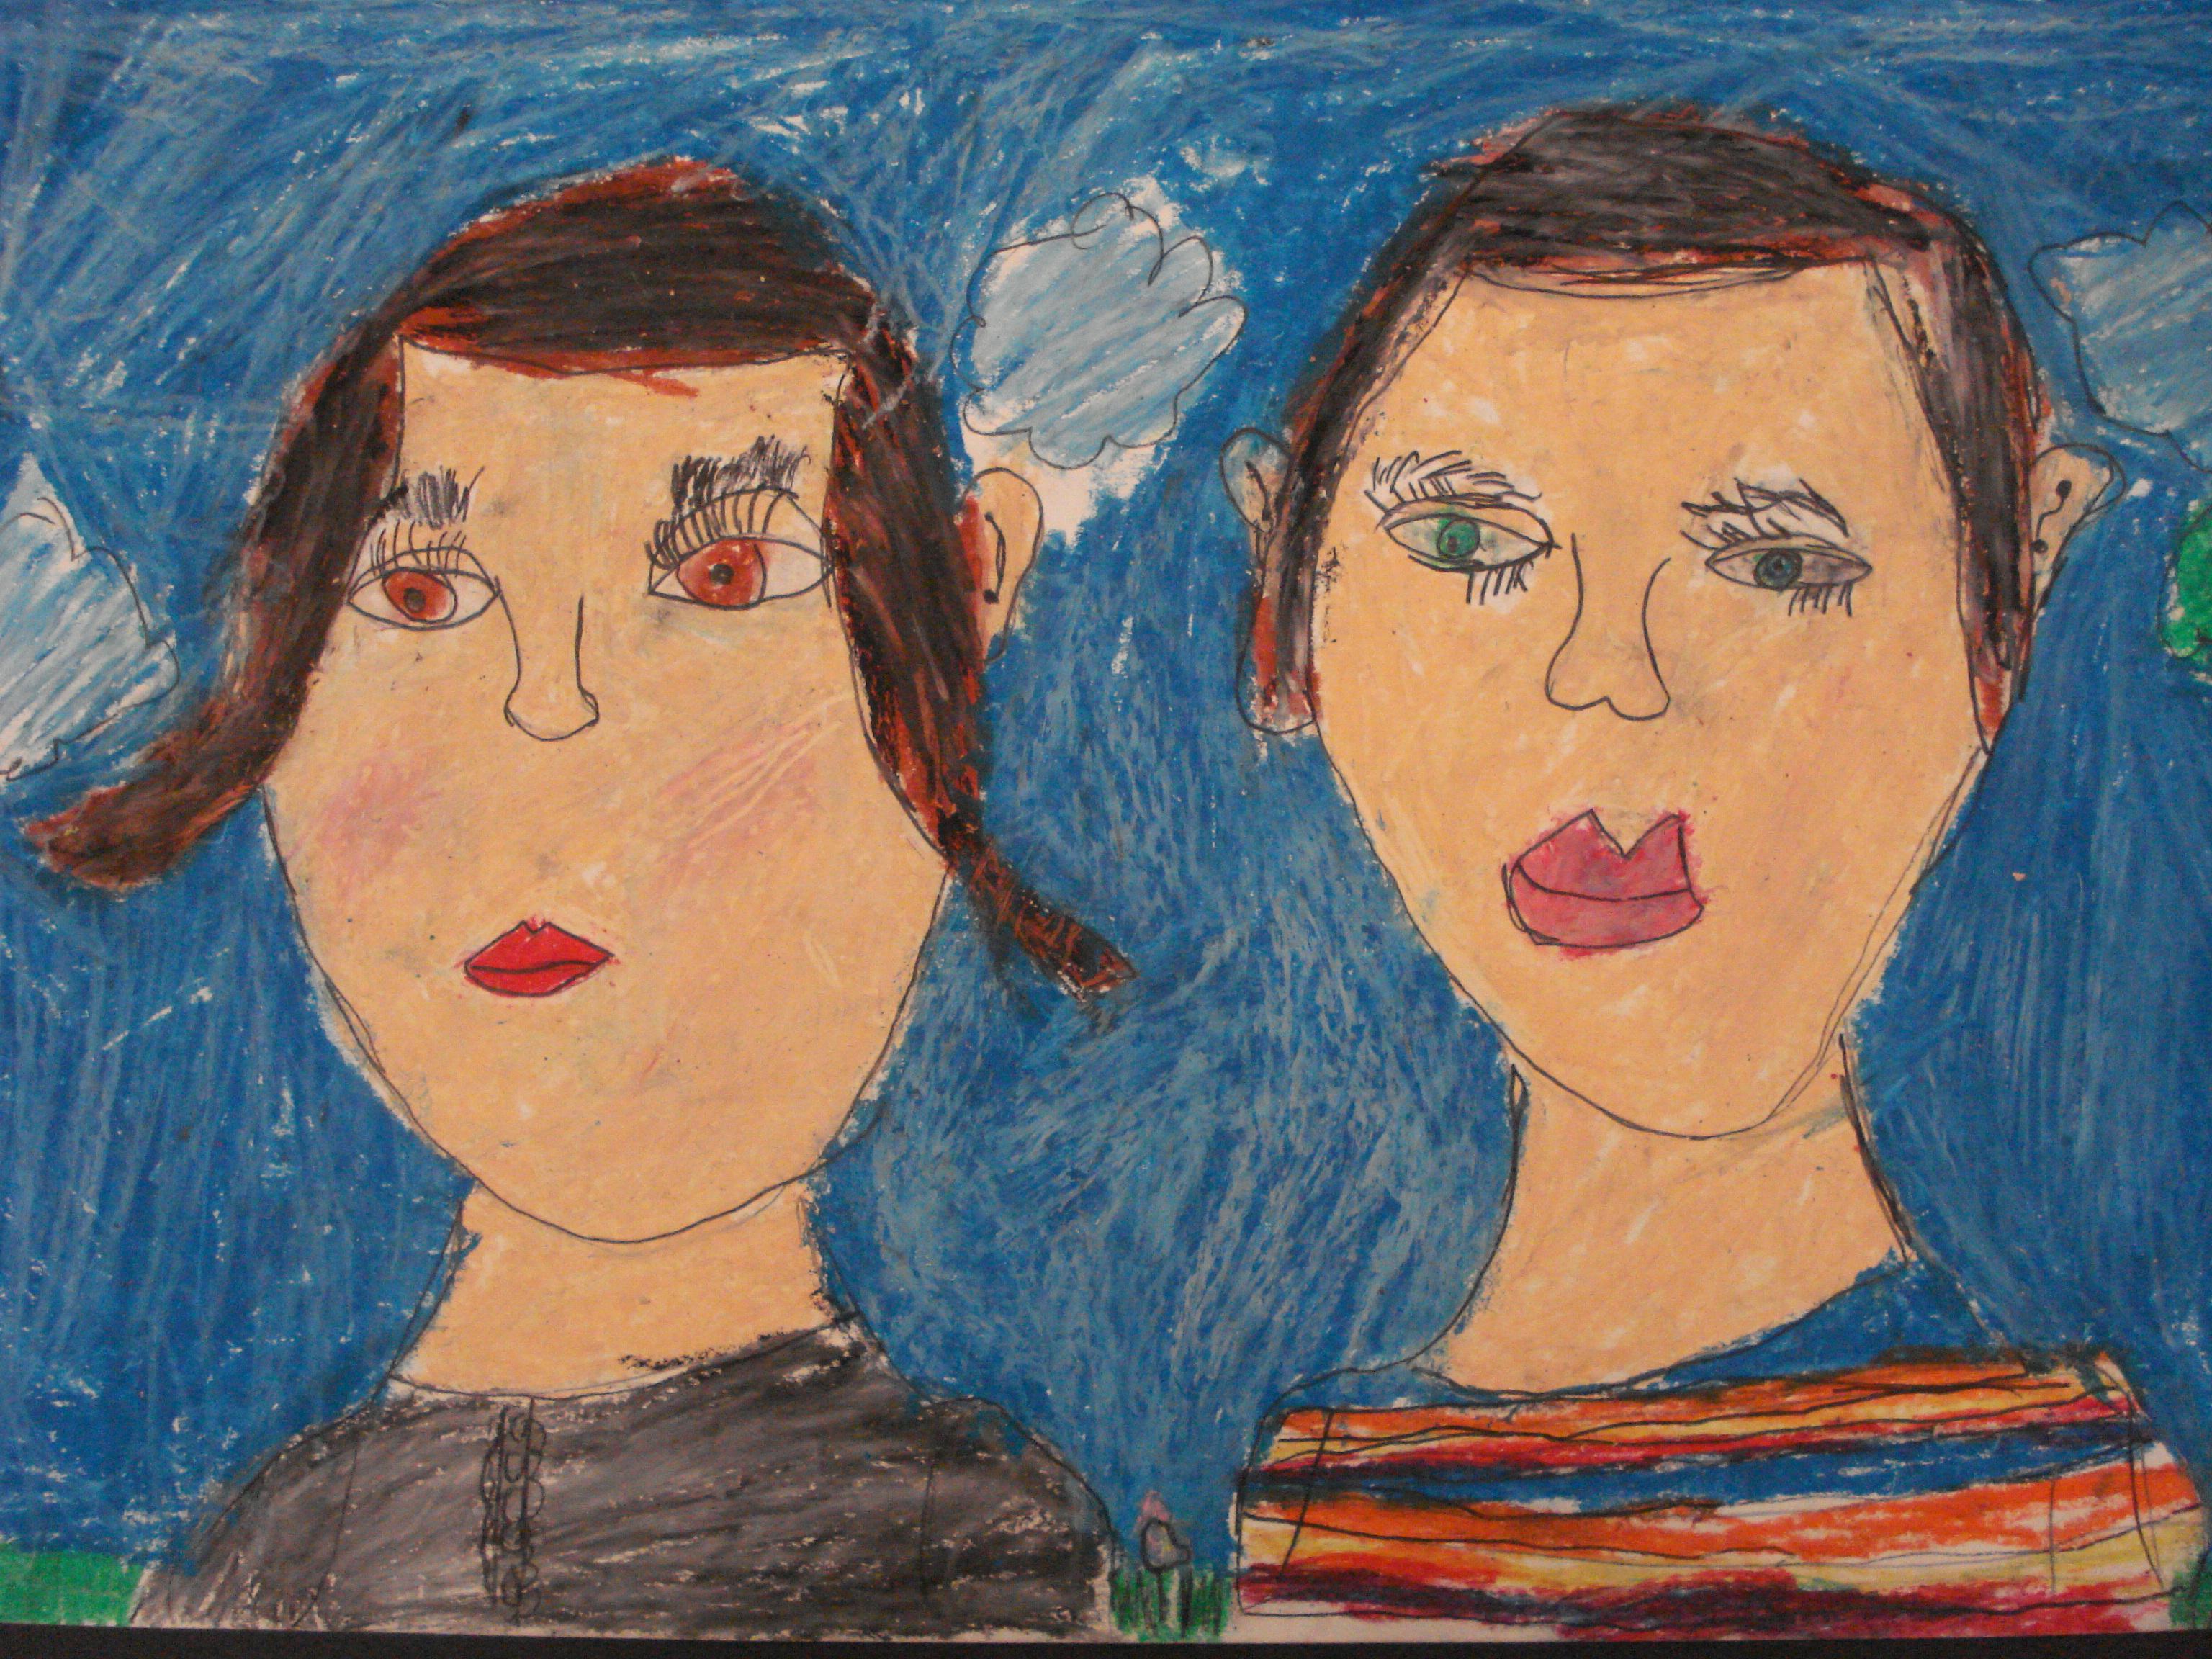 F., Age 6